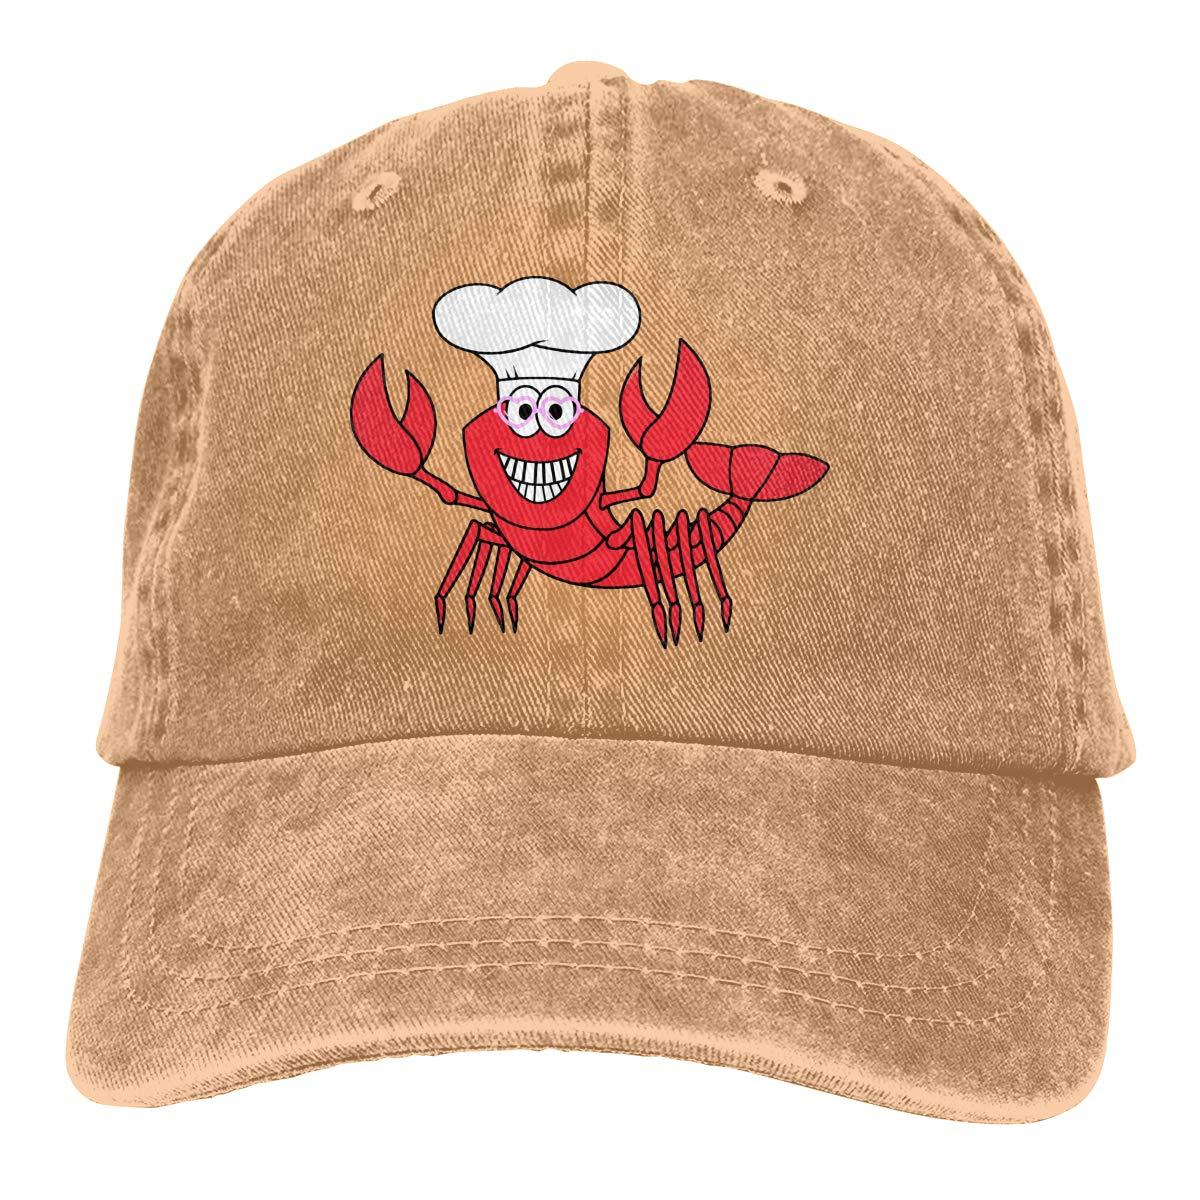 Unisex Chef Lobster Happy Smile Vintage Washed Dad Hat Funny Adjustable Baseball Cap